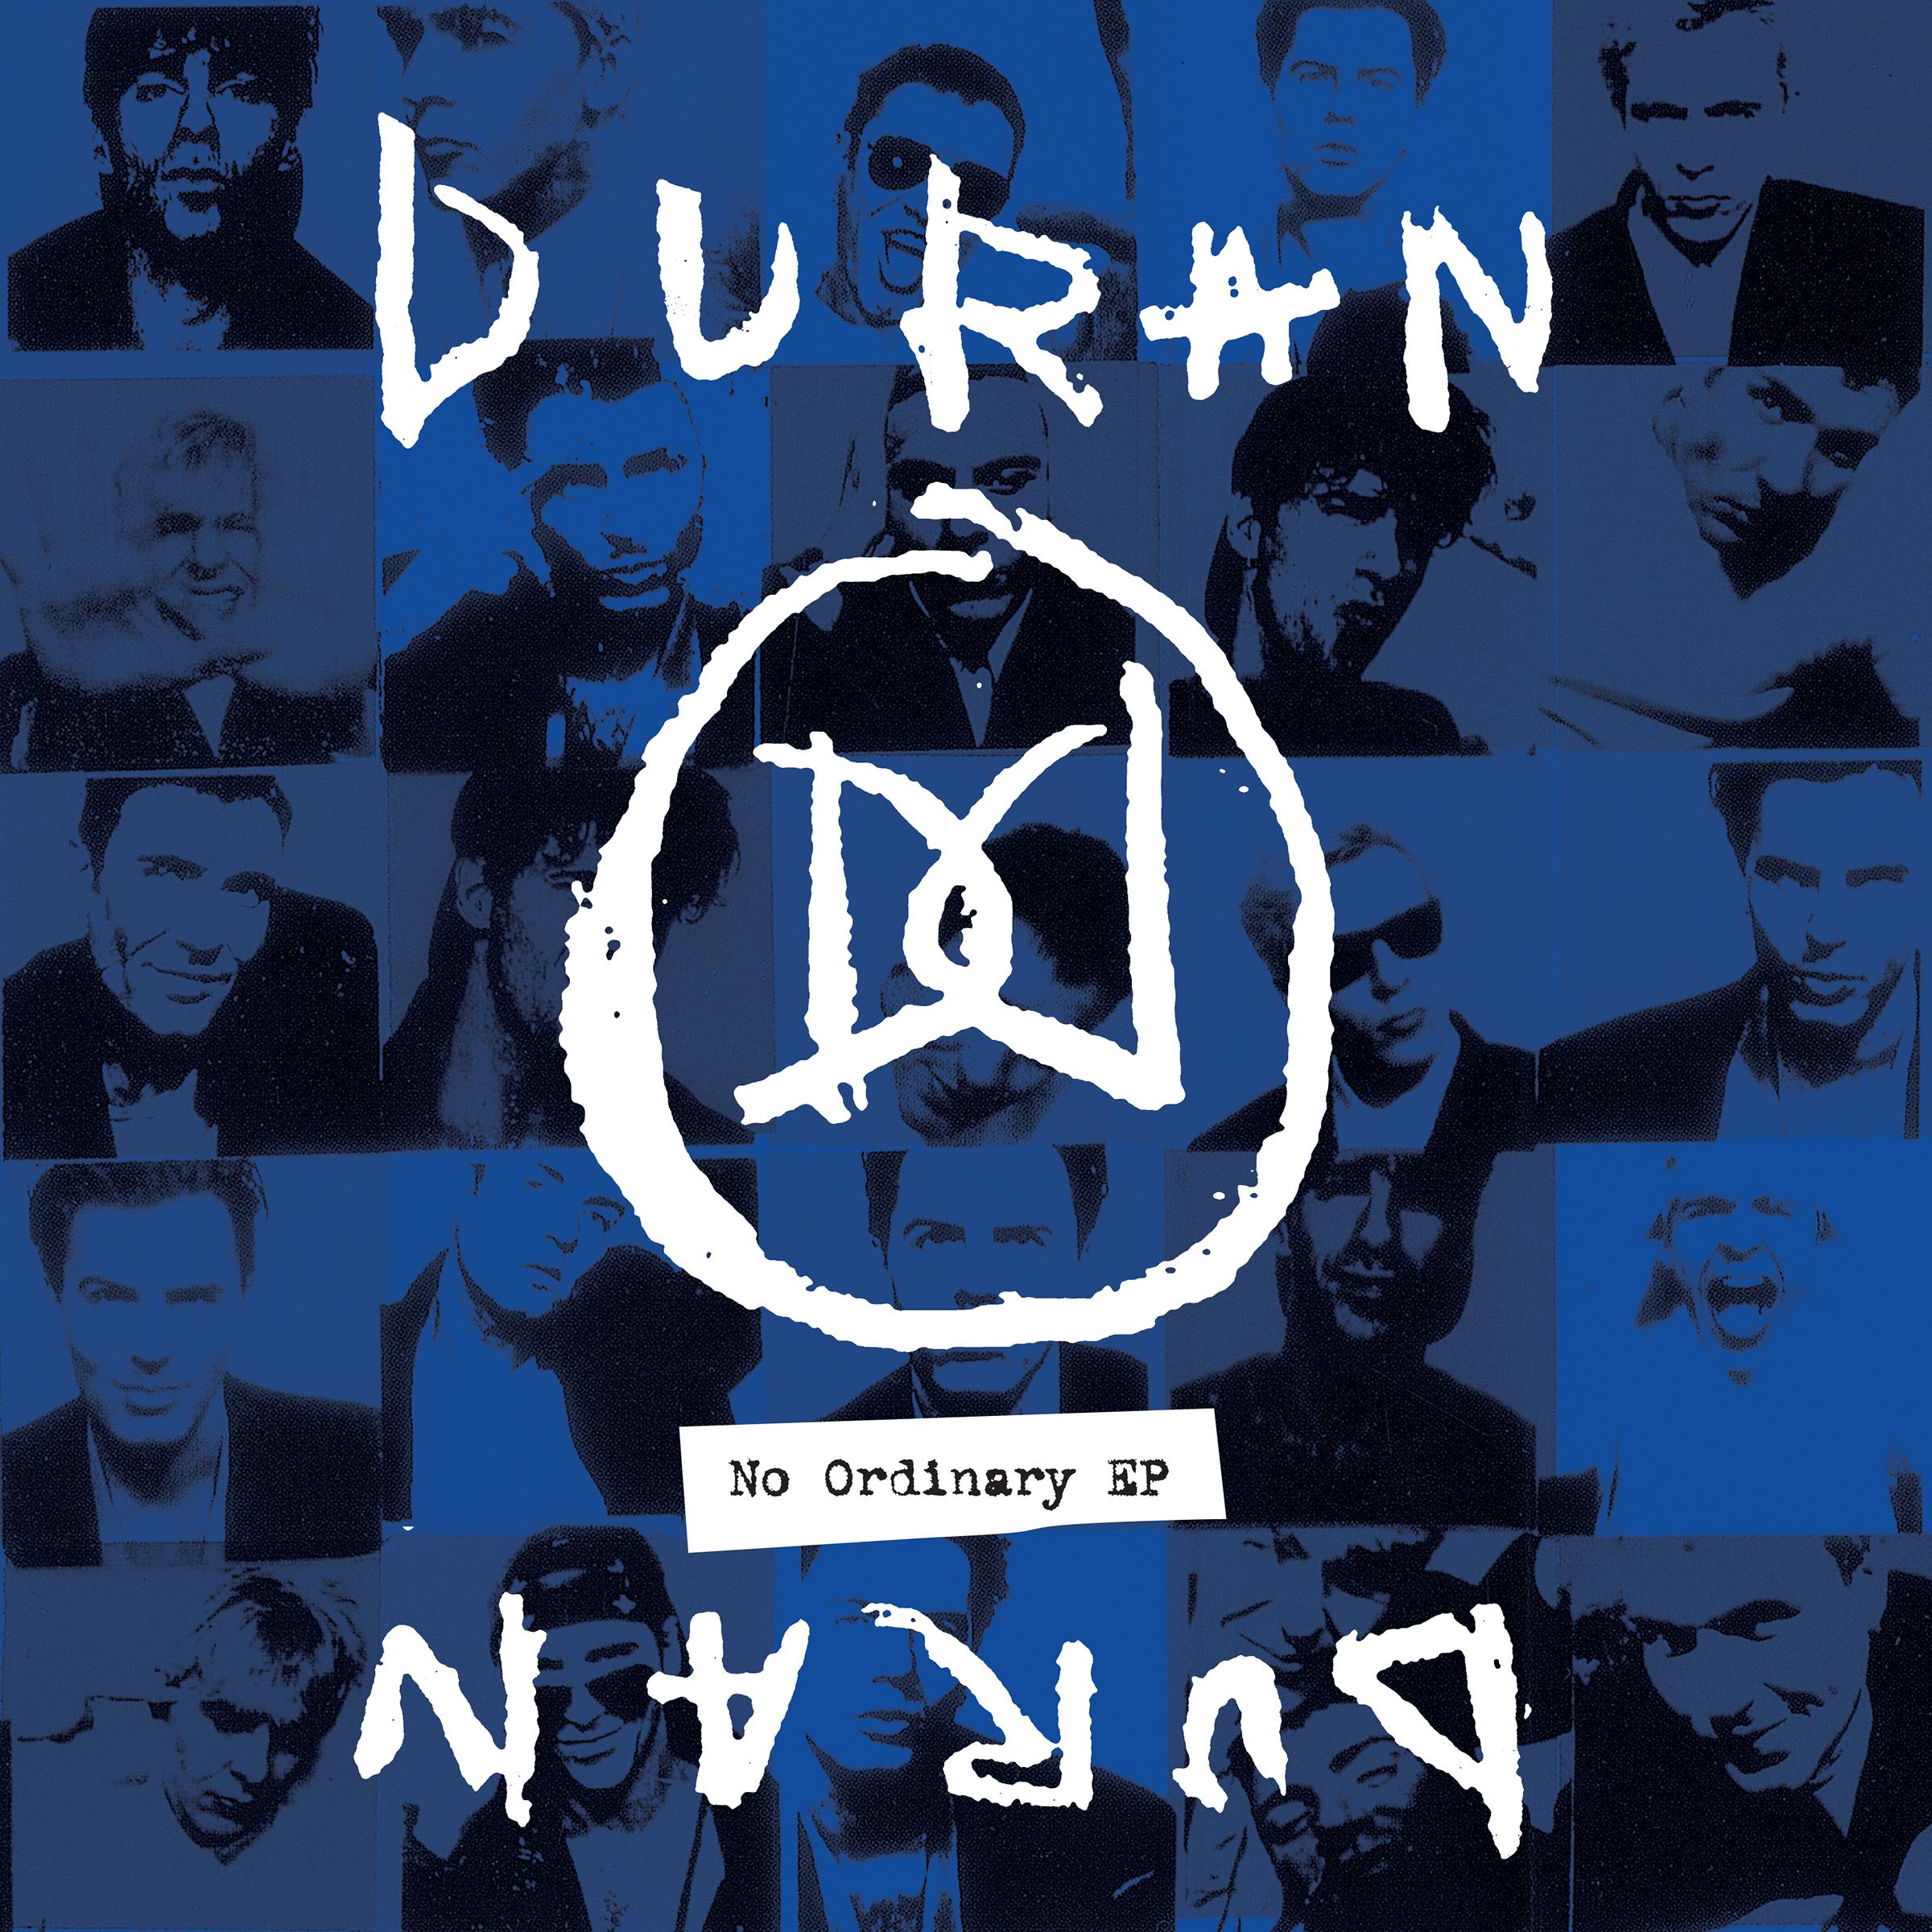 Visual discography no ordinary ep duran duran wiki fandom visual discography no ordinary ep buycottarizona